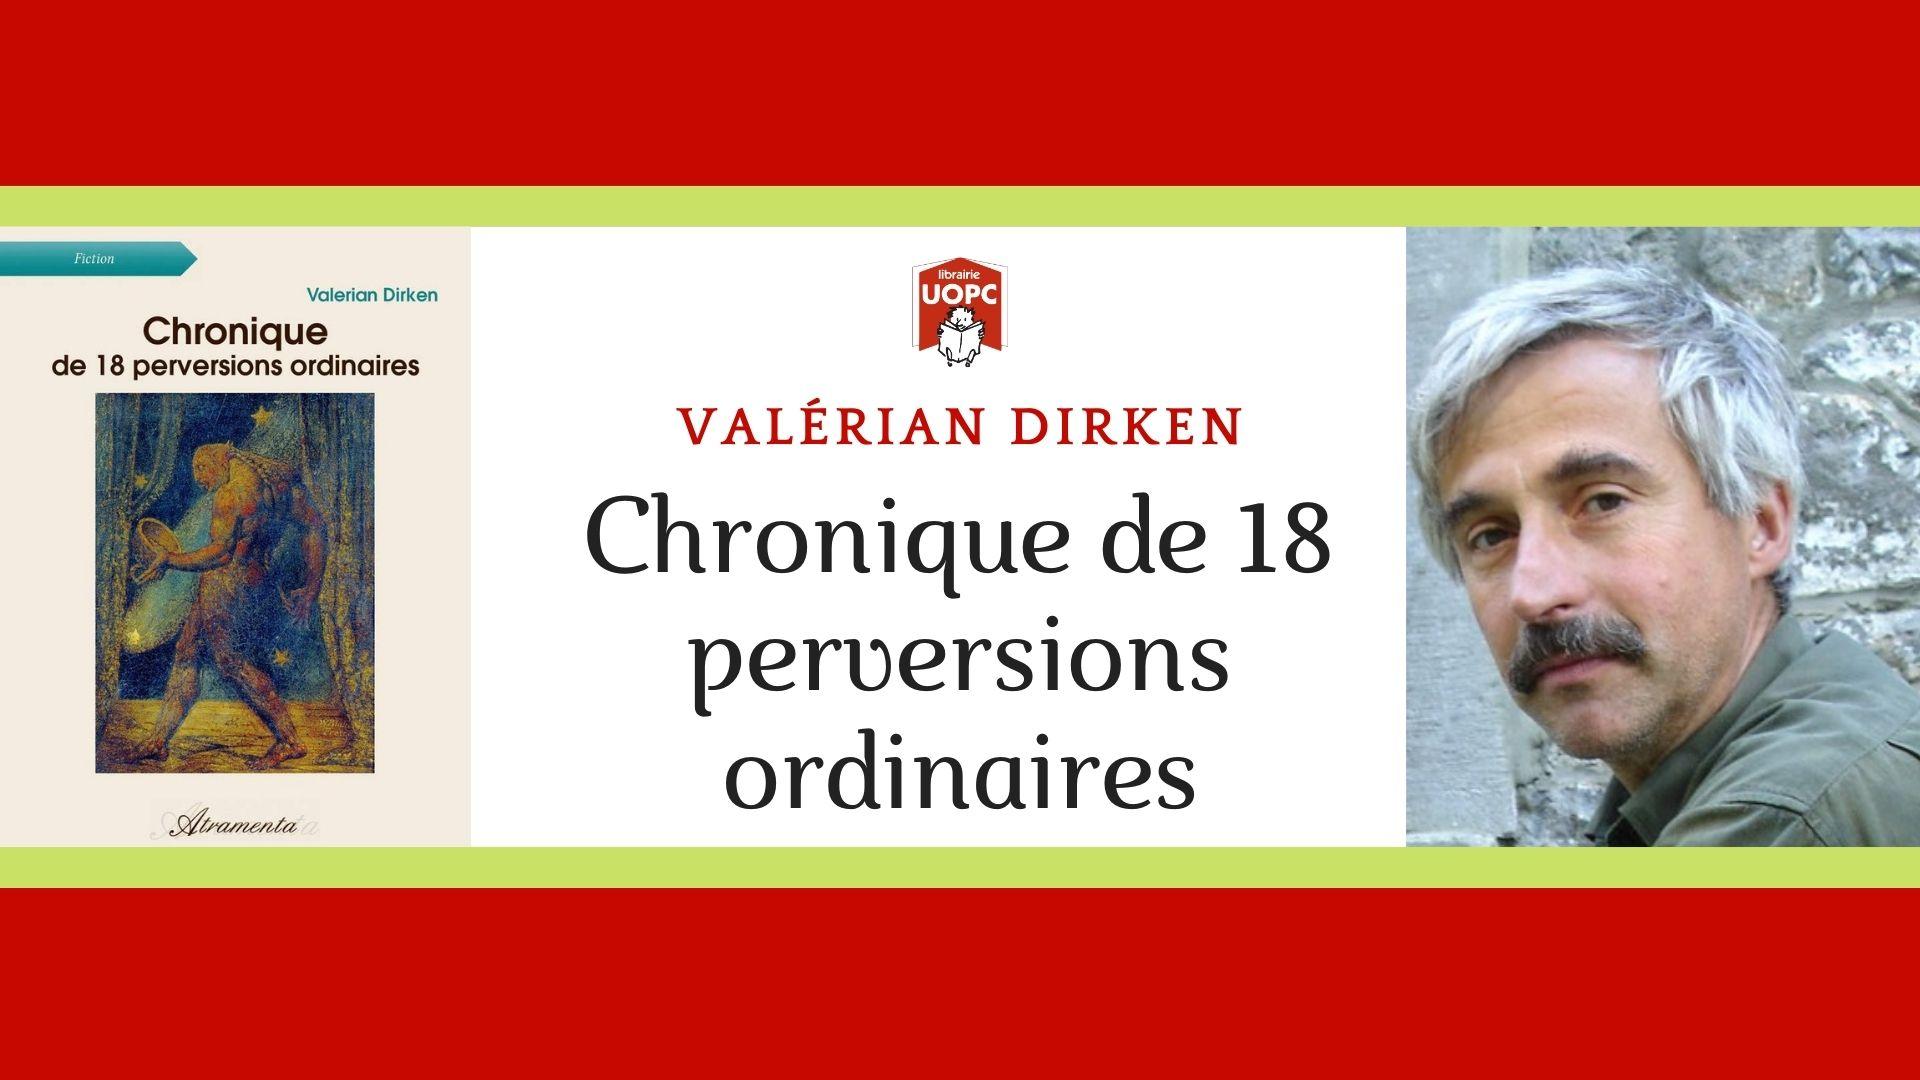 valerian-dirken-uopc